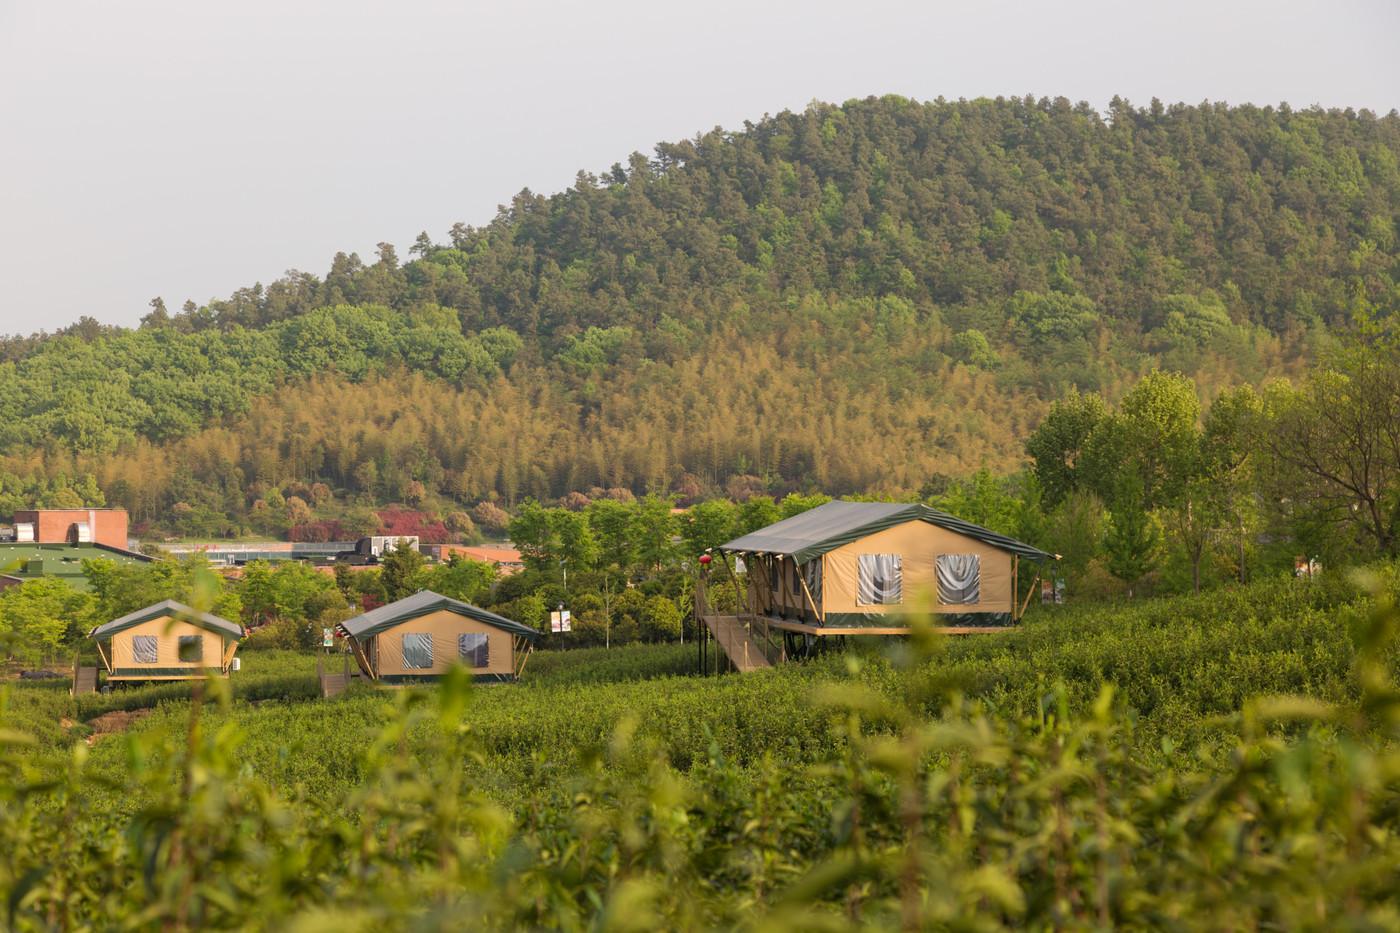 喜马拉雅野奢帐篷酒店—江苏茅山宝盛园(二期)8